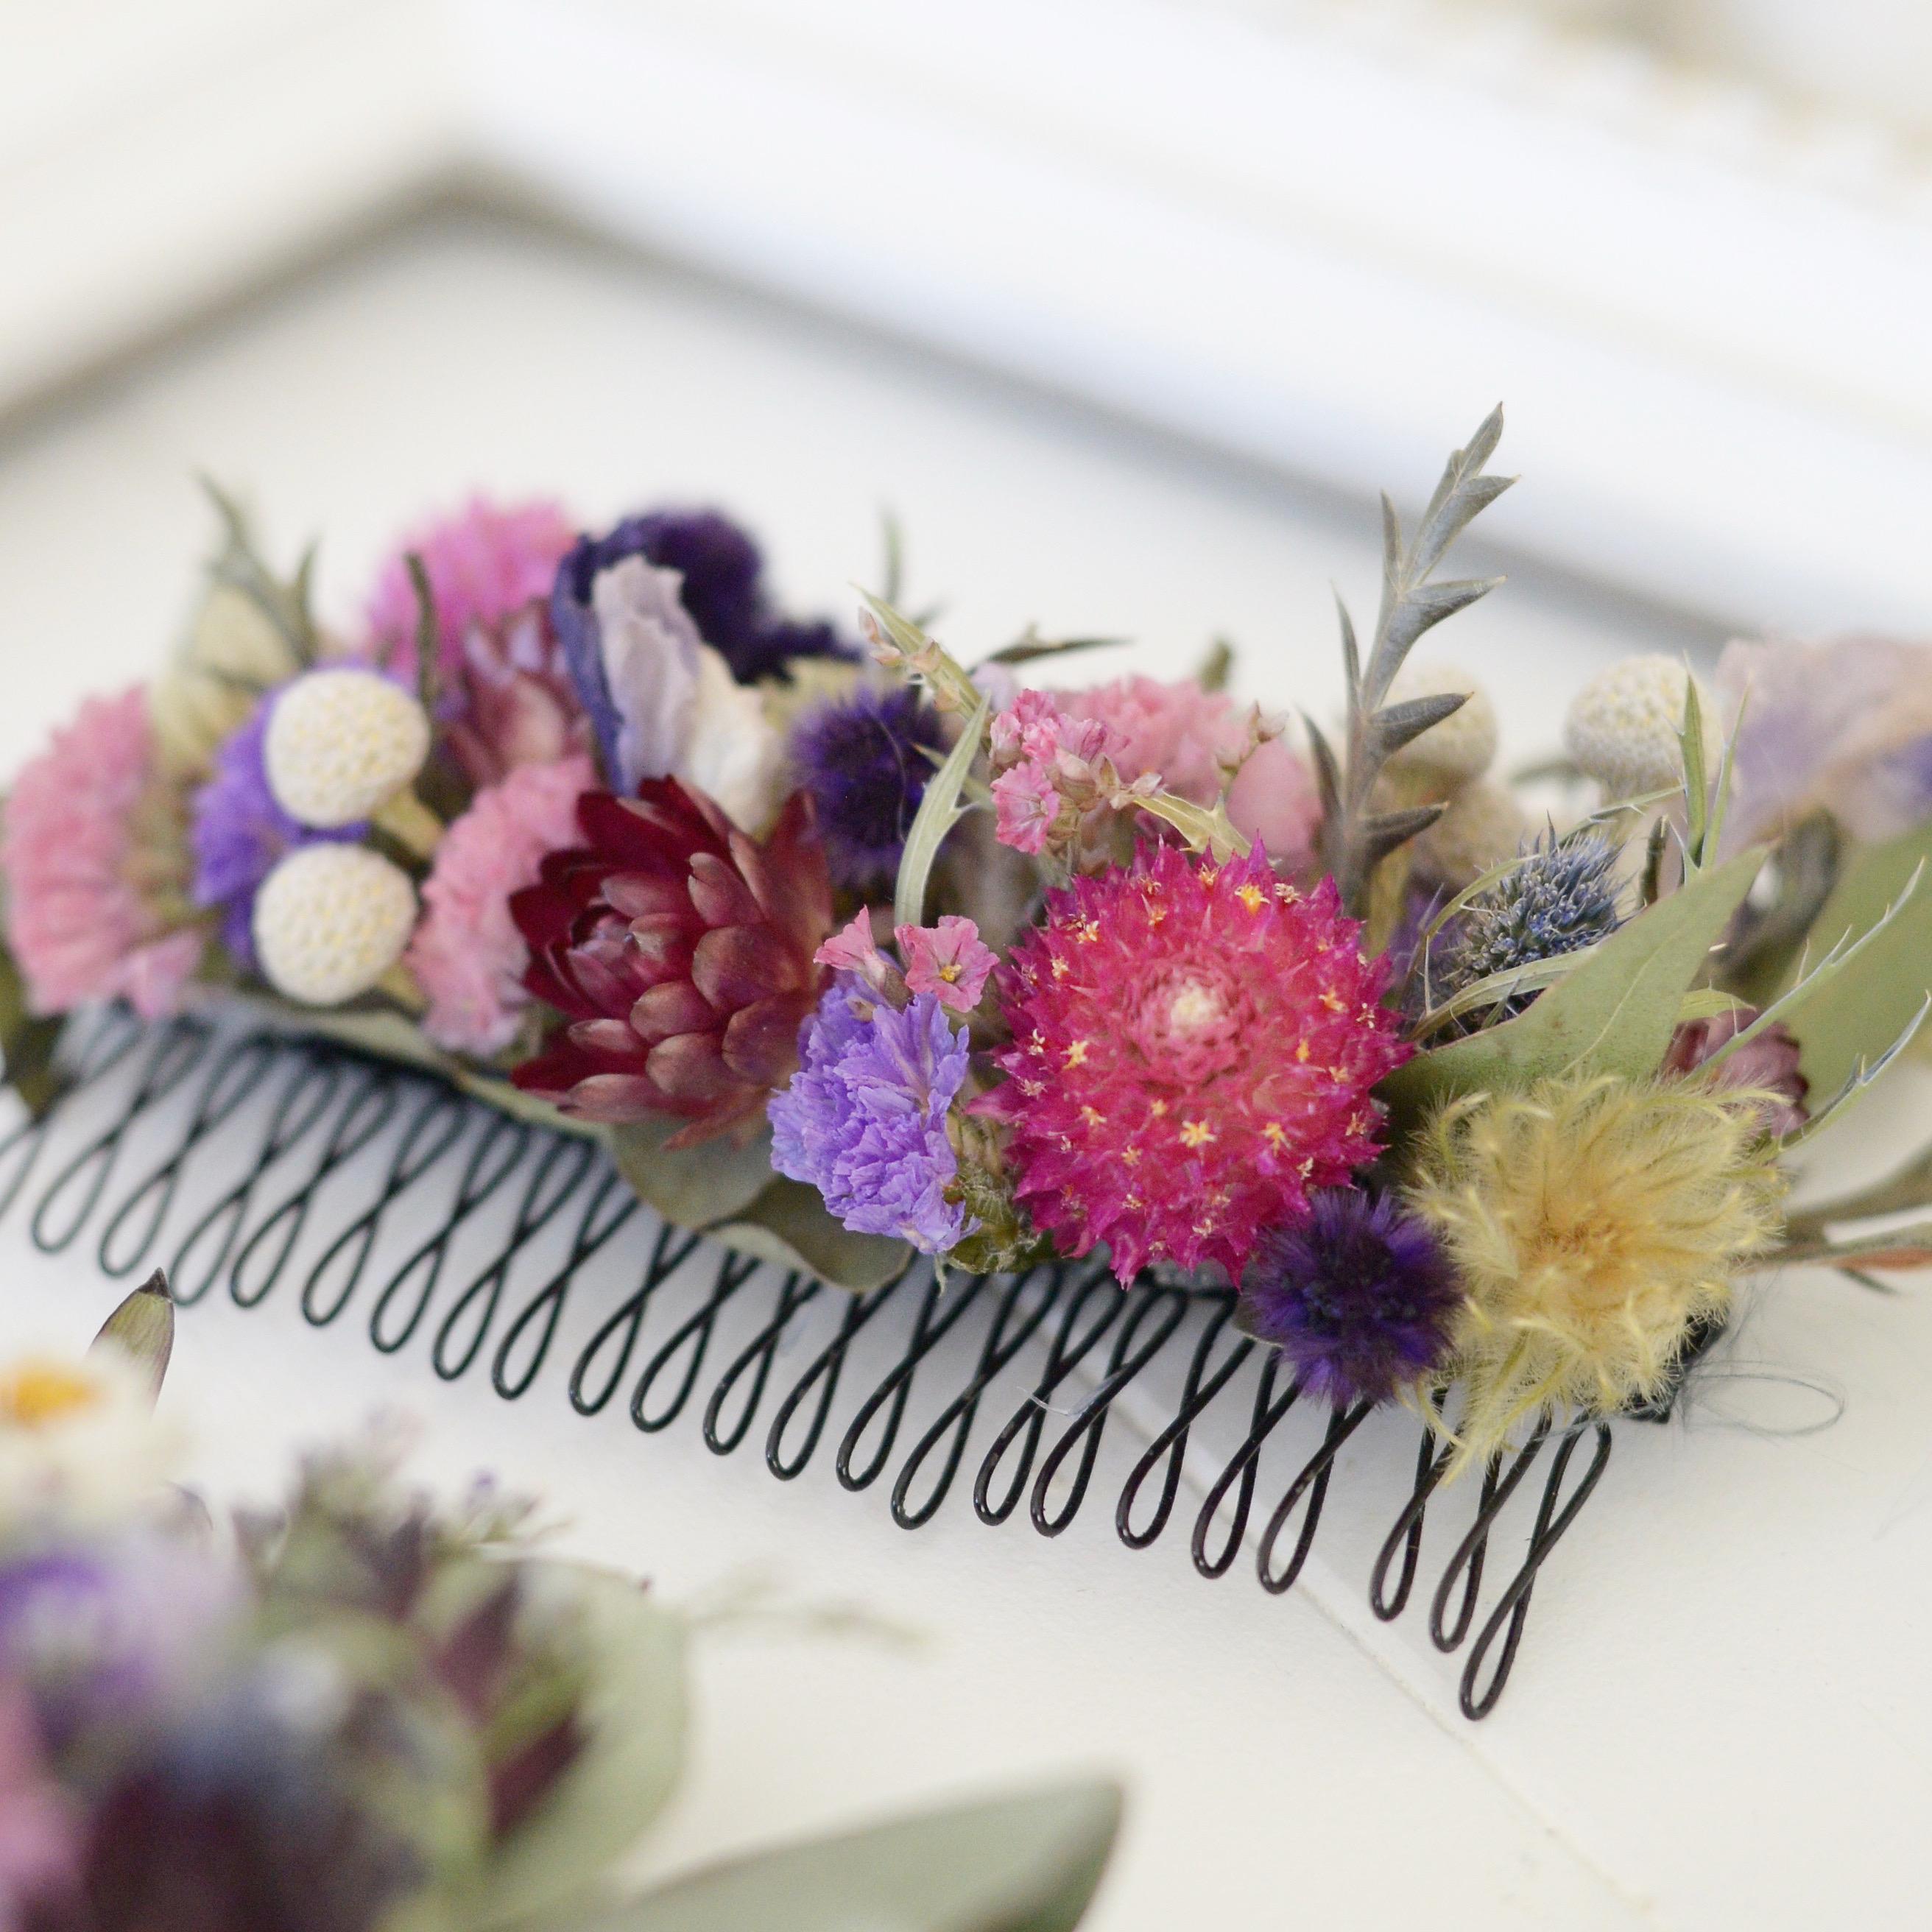 ドライフラワーがオシャレ♪イマドキの花嫁さんや成人式の髪型にぴったりなヘッドアクセサリー♡